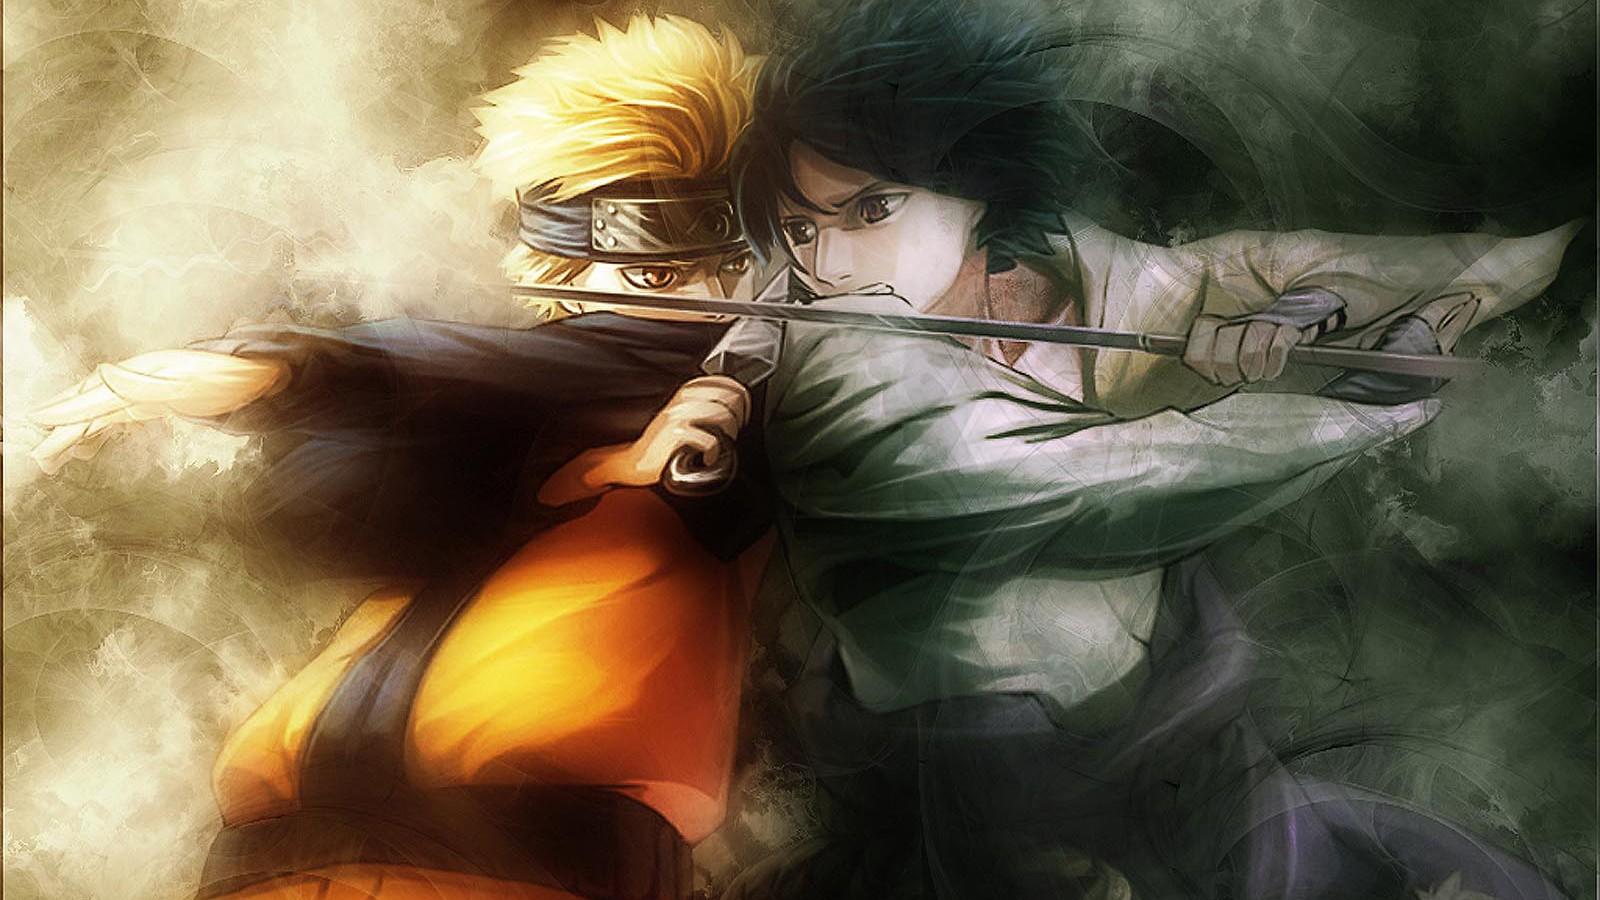 Fond D Ecran Anime Garcons Anime Naruto Shippuuden